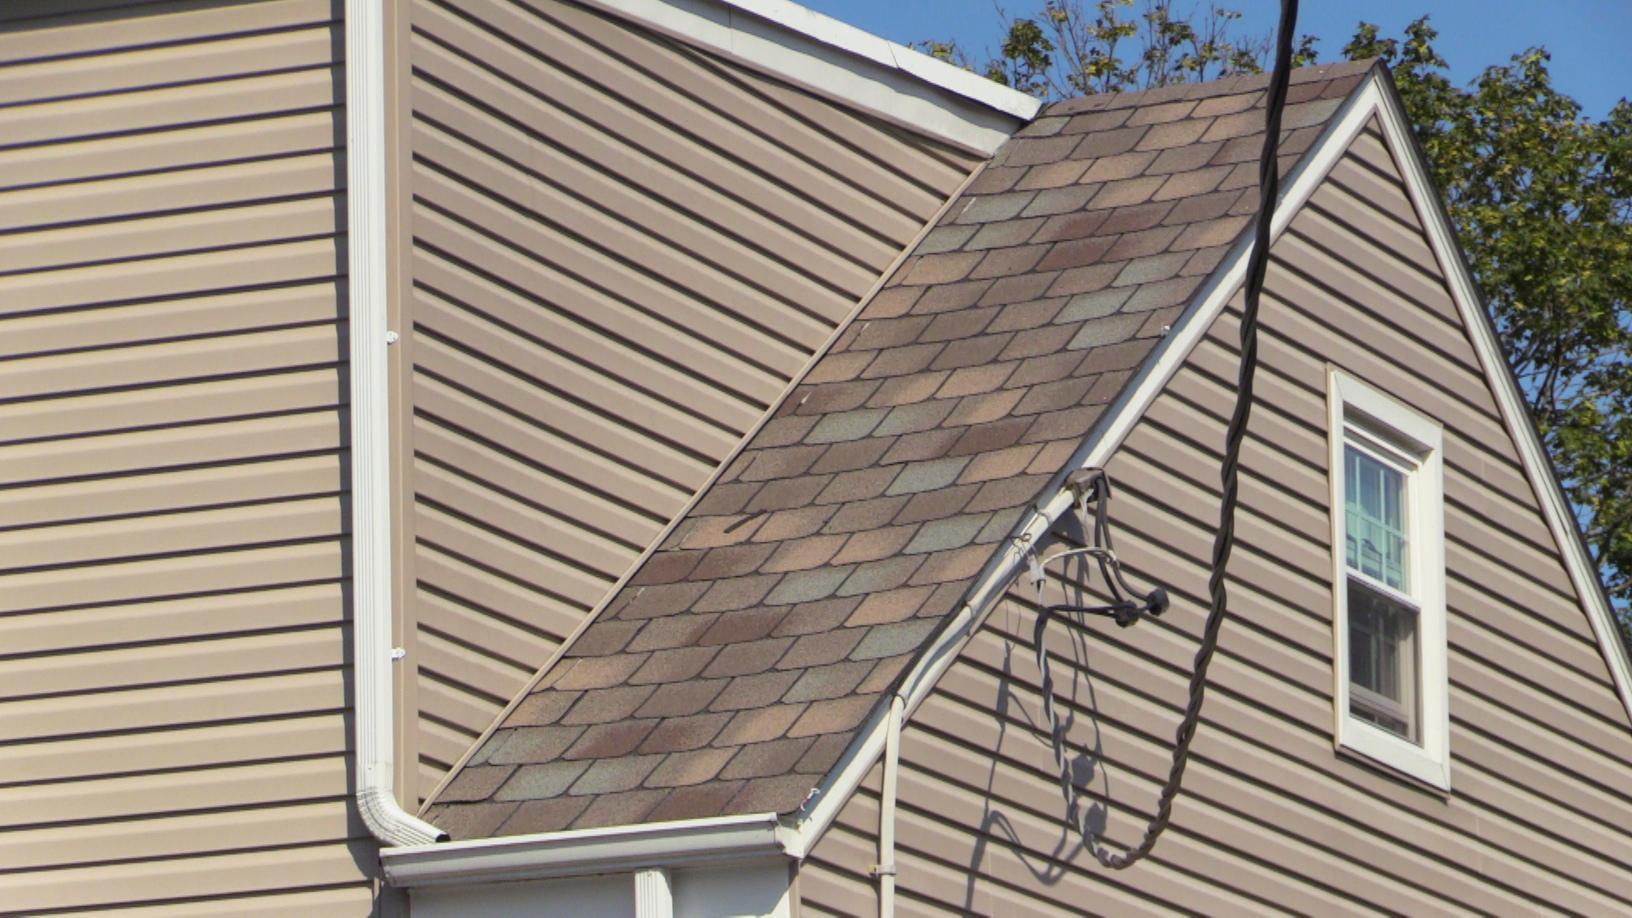 Side Roof Shingles In West Allentown